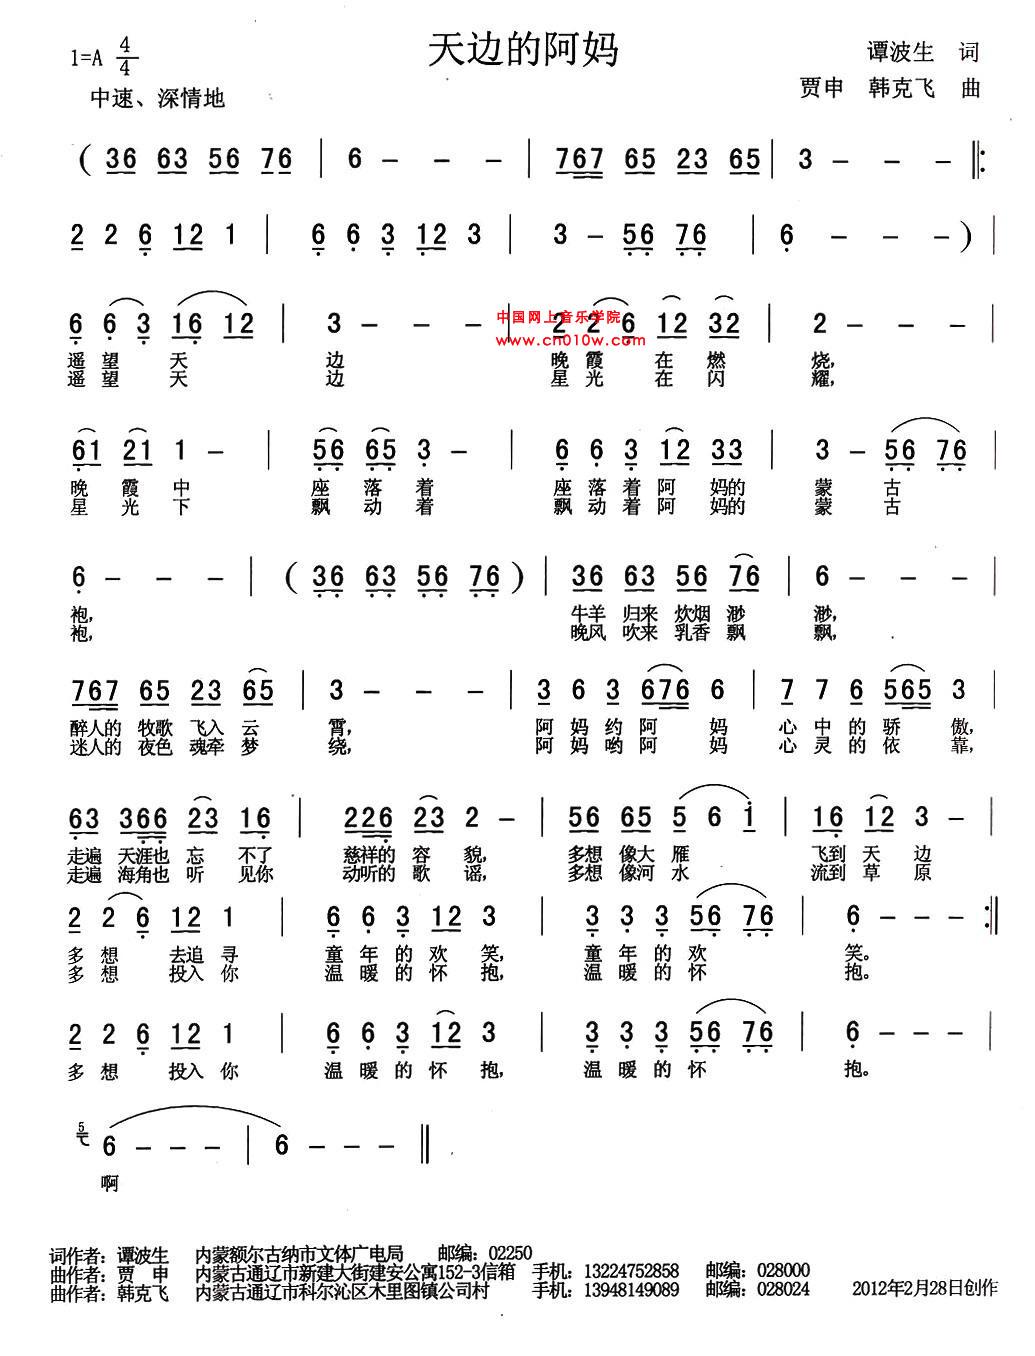 天边歌曲歌谱_天边吉他简谱分享_天边吉他简谱图片下载